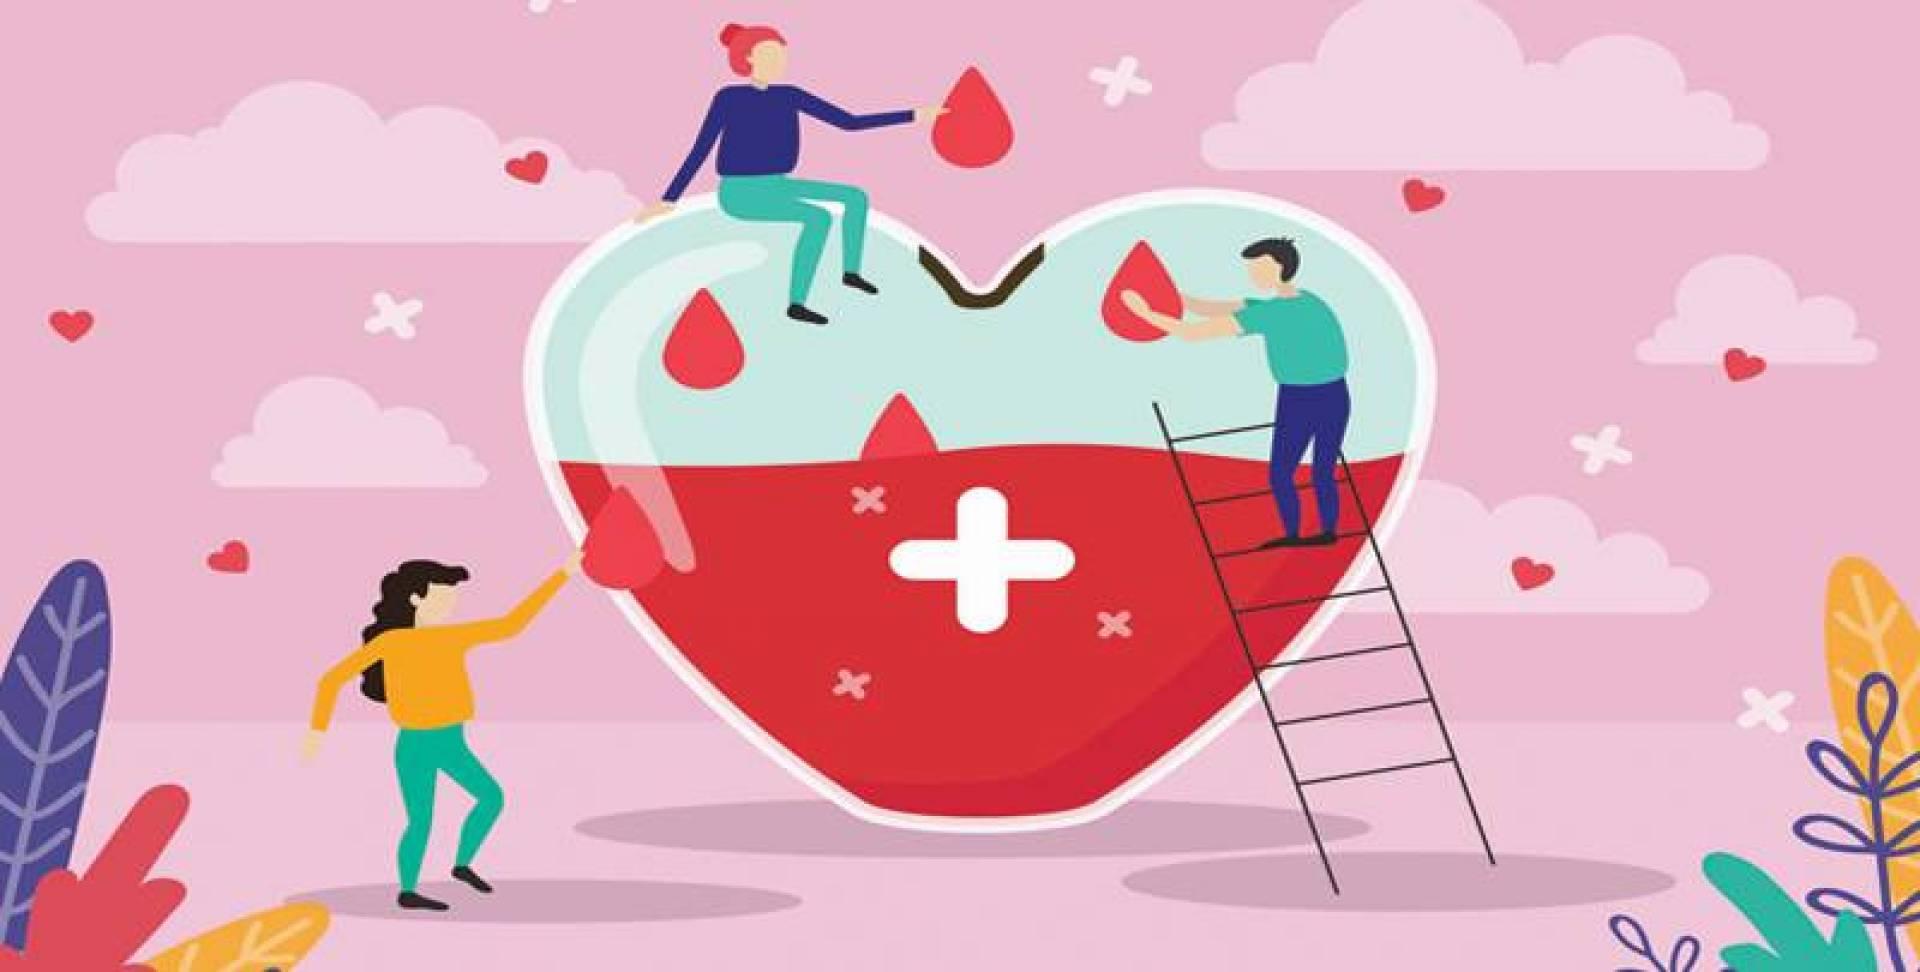 طرق علاج فقر الدم واهم اسباب الاصابة به وافضل النصائح للوقاية منه